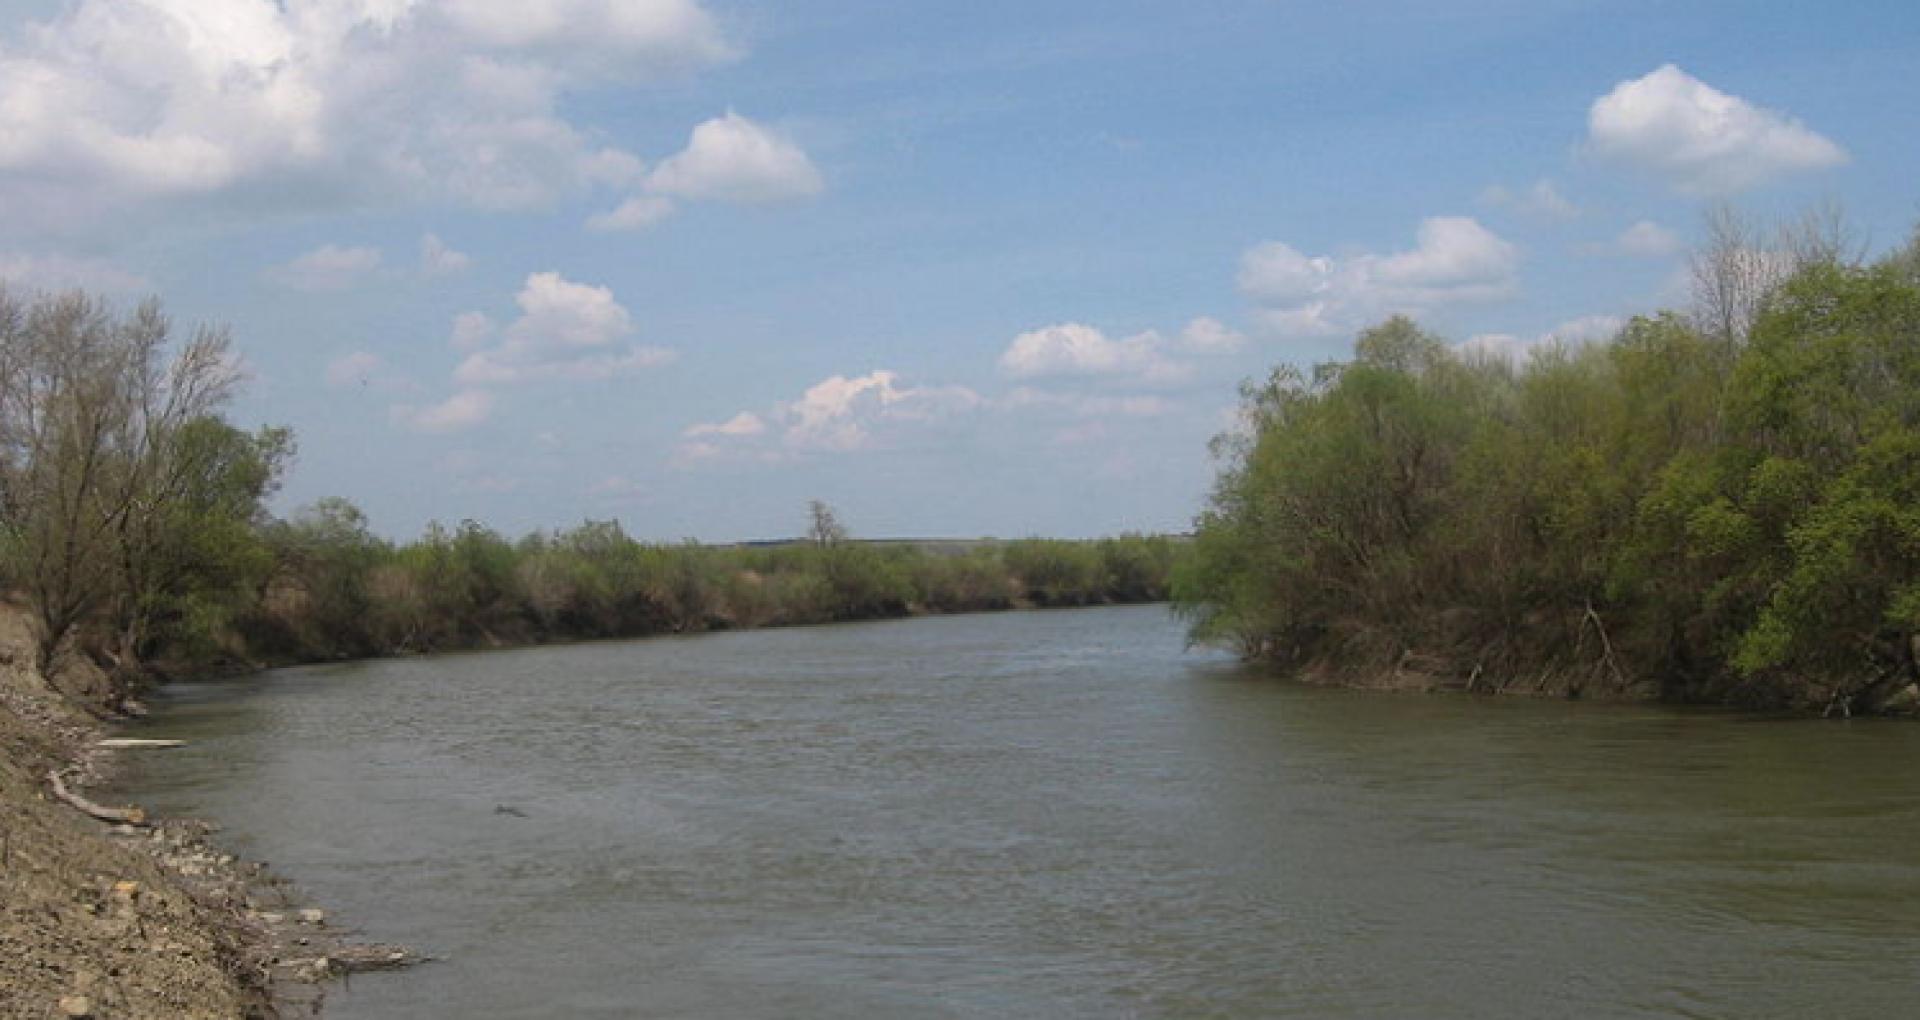 Cod galben de scurgere scăzută a apei în bazinul râului Prut. Cetățenii, îndemnați să consume rațional rezervele de apă